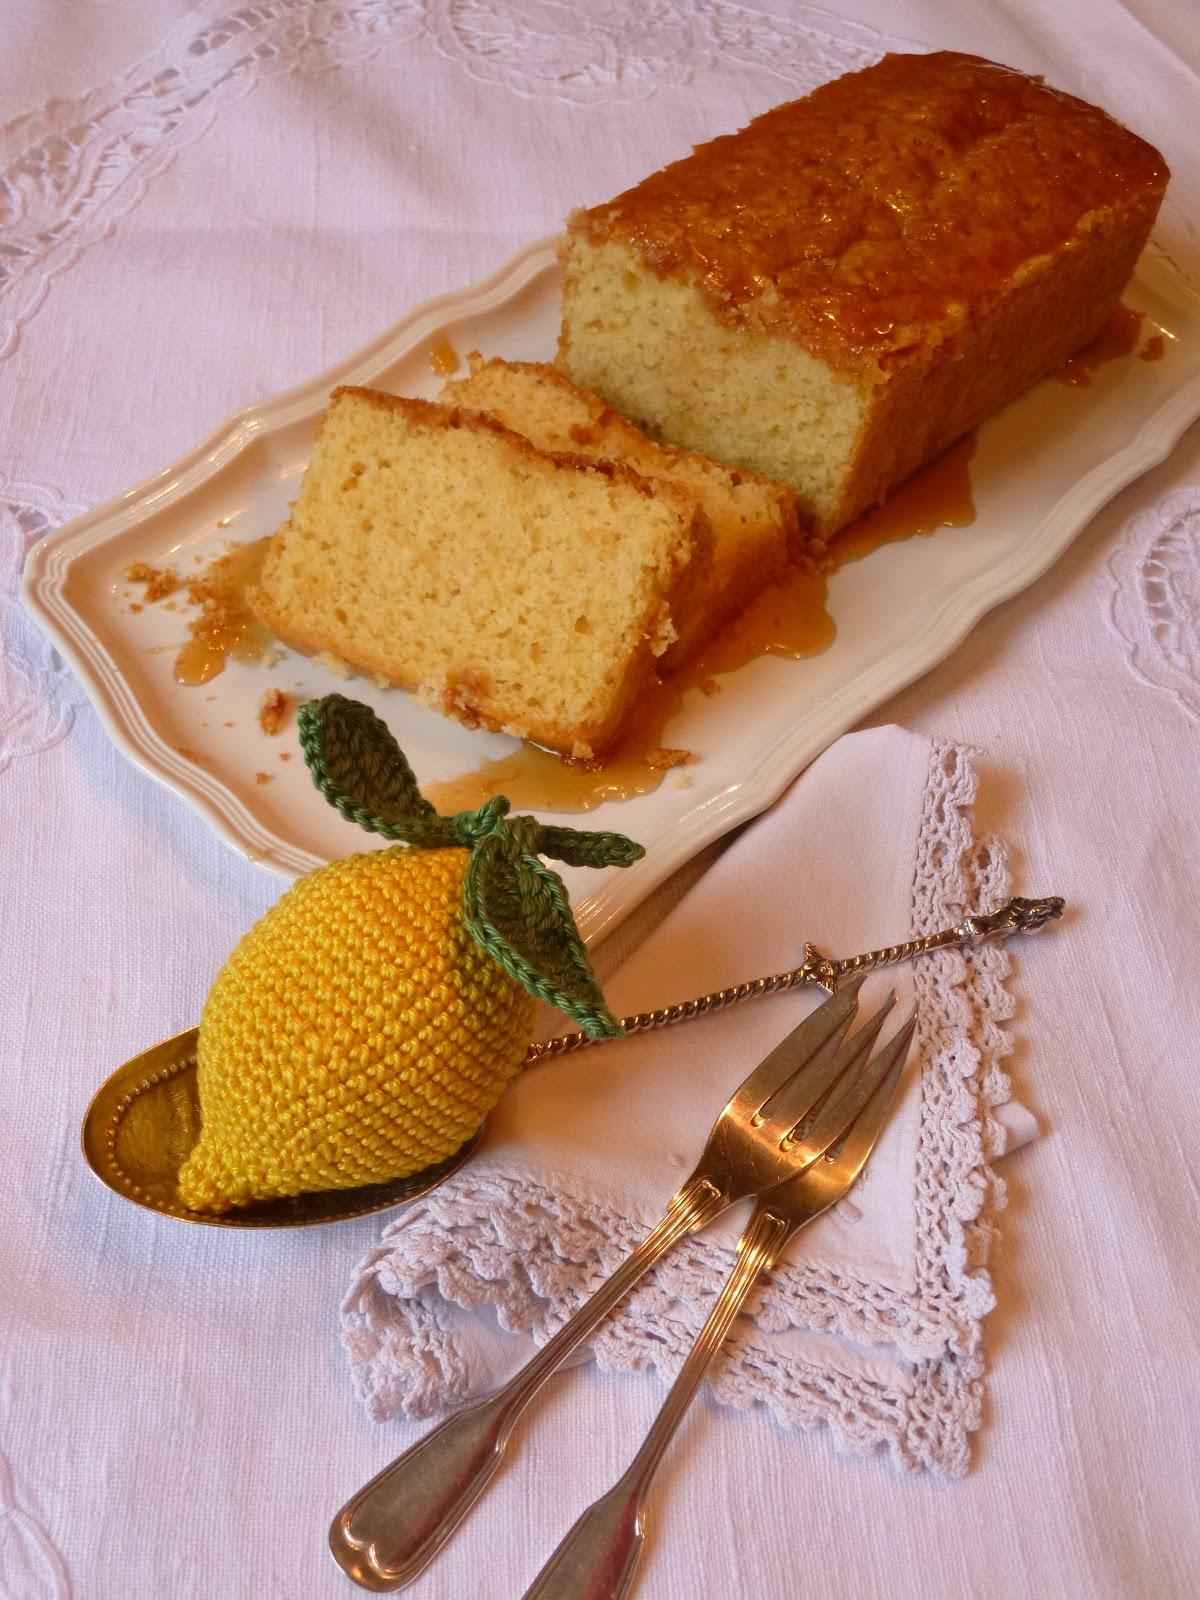 Kuchen Schmeckt Schön Fruchtig Und Wärmt Die Seele Von Innen. Das  Häkel Zitrönchen Macht Spaß Und Ich Sehe Es Schon (in Mehrfacher Ausführung)  Als ...